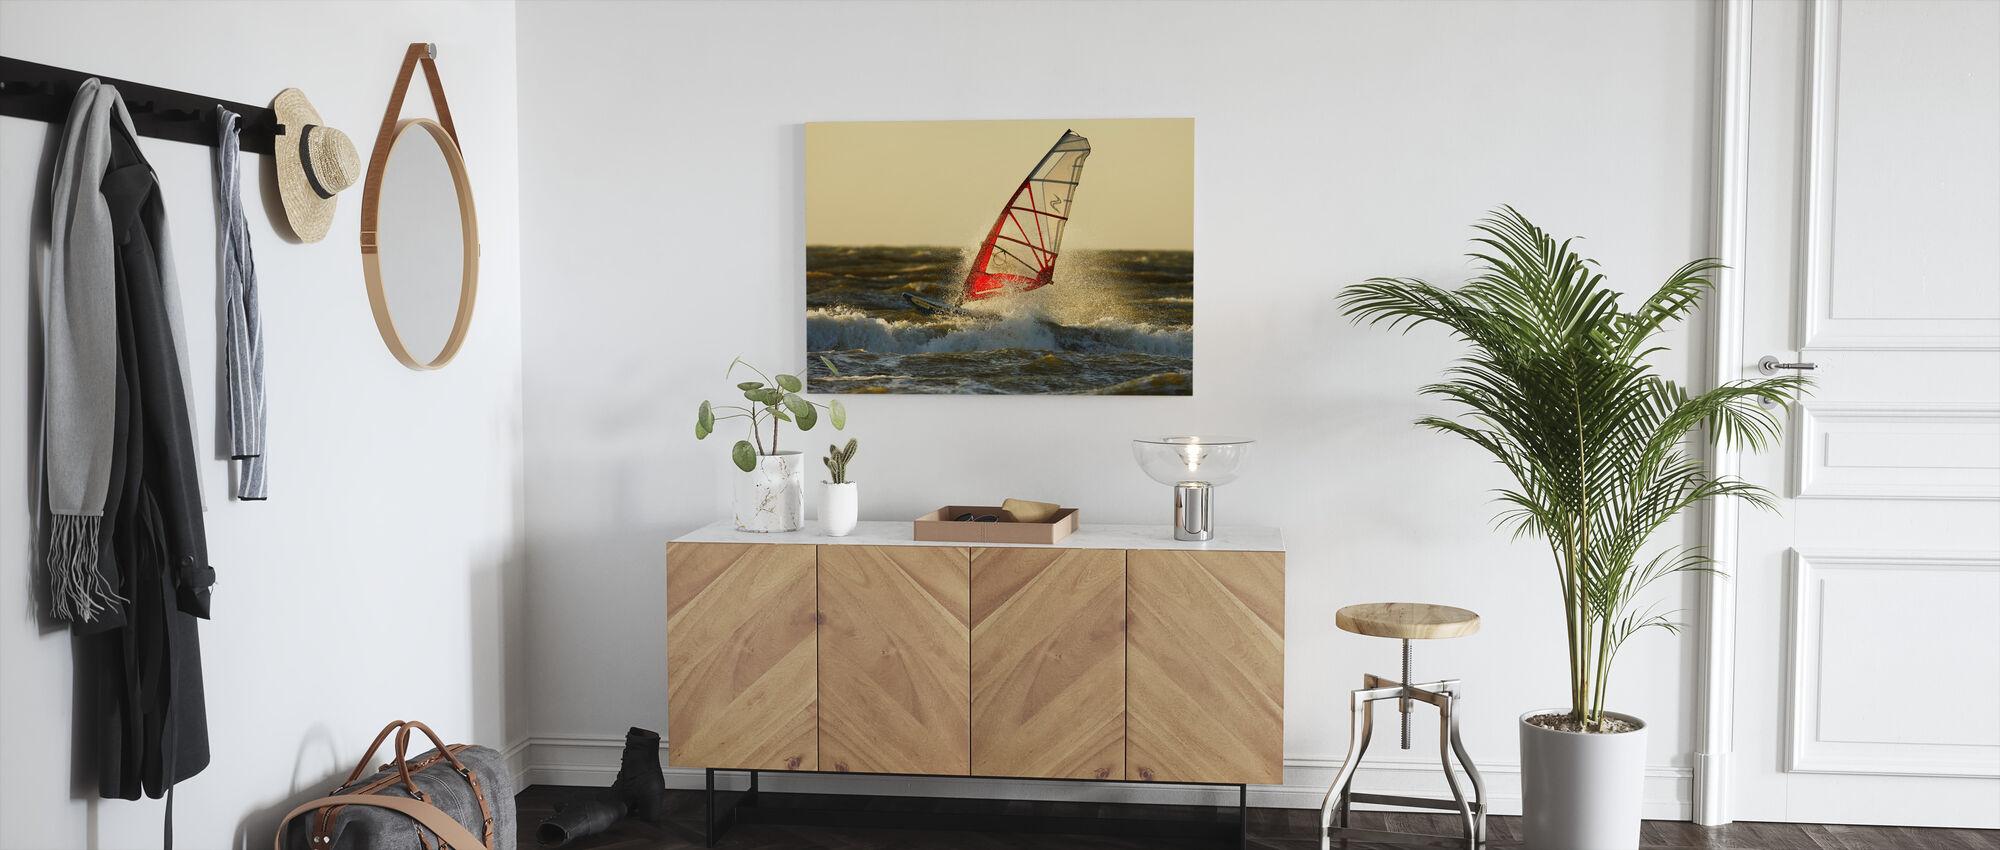 Surfing i Sverige, Europa - Billede på lærred - Entré